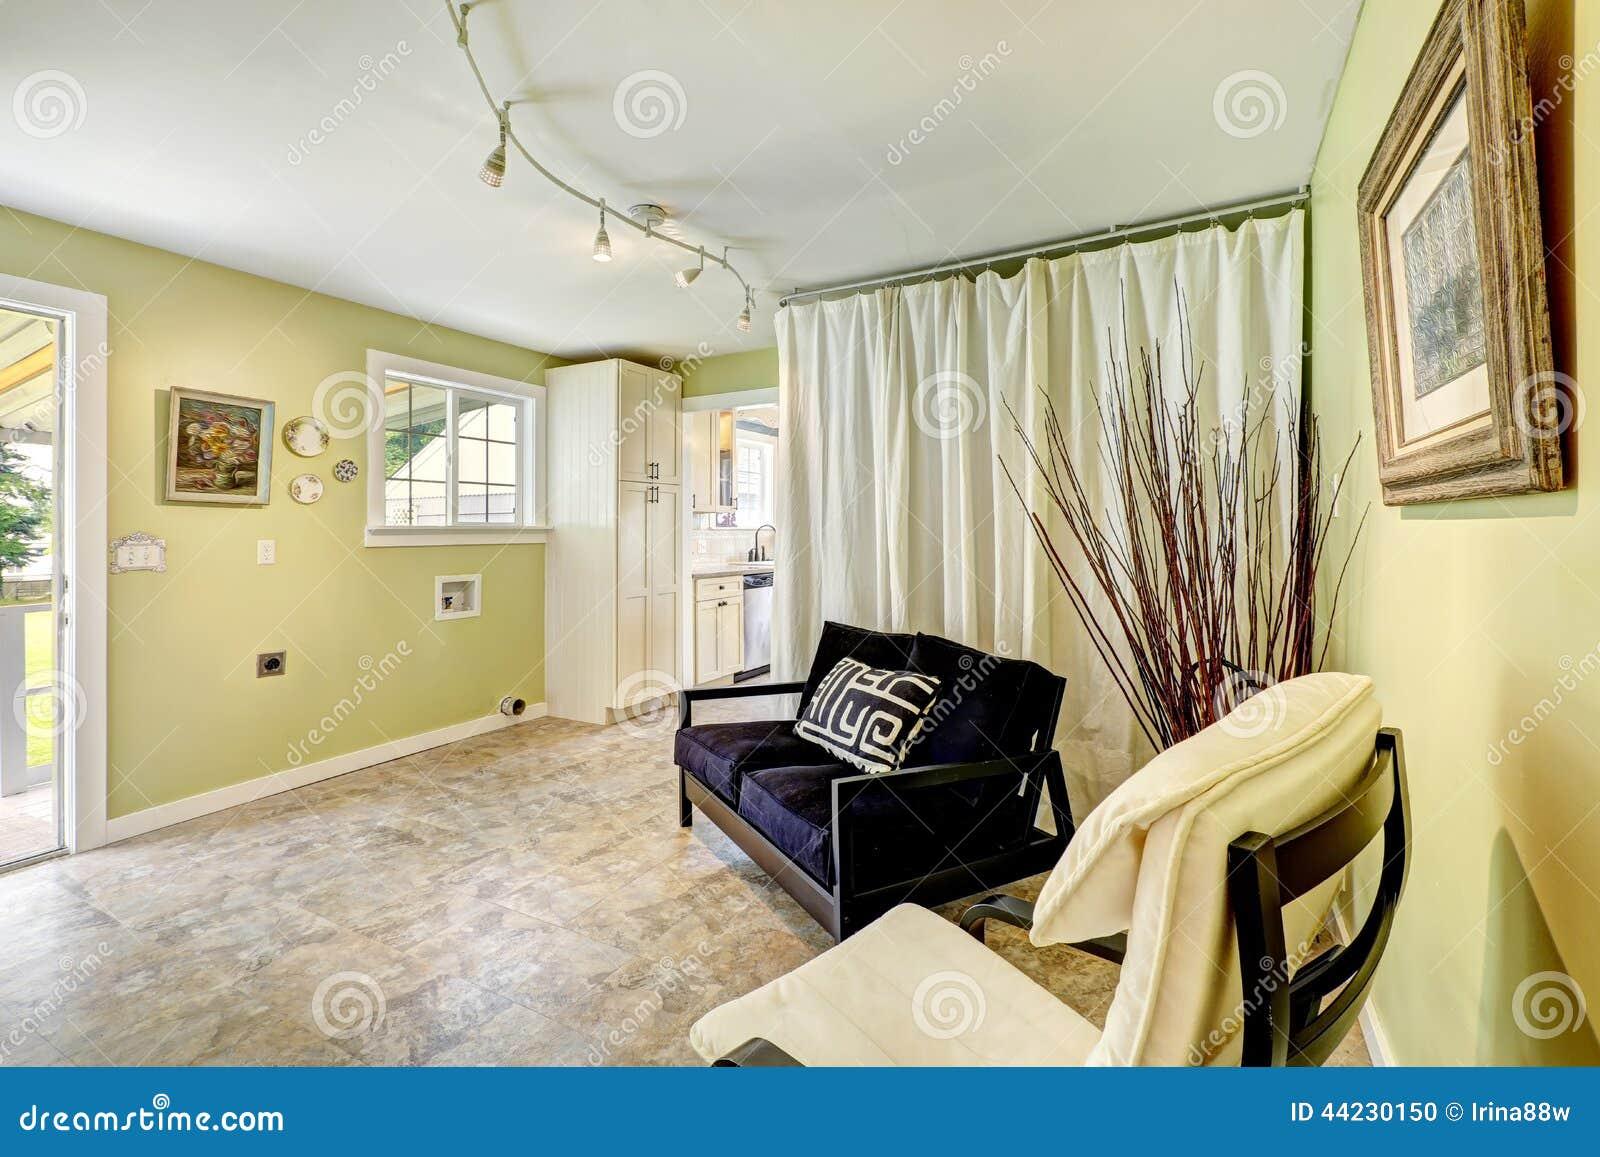 download intrieur de maison de campagne salon avec des rideaux photo stock image du branchements